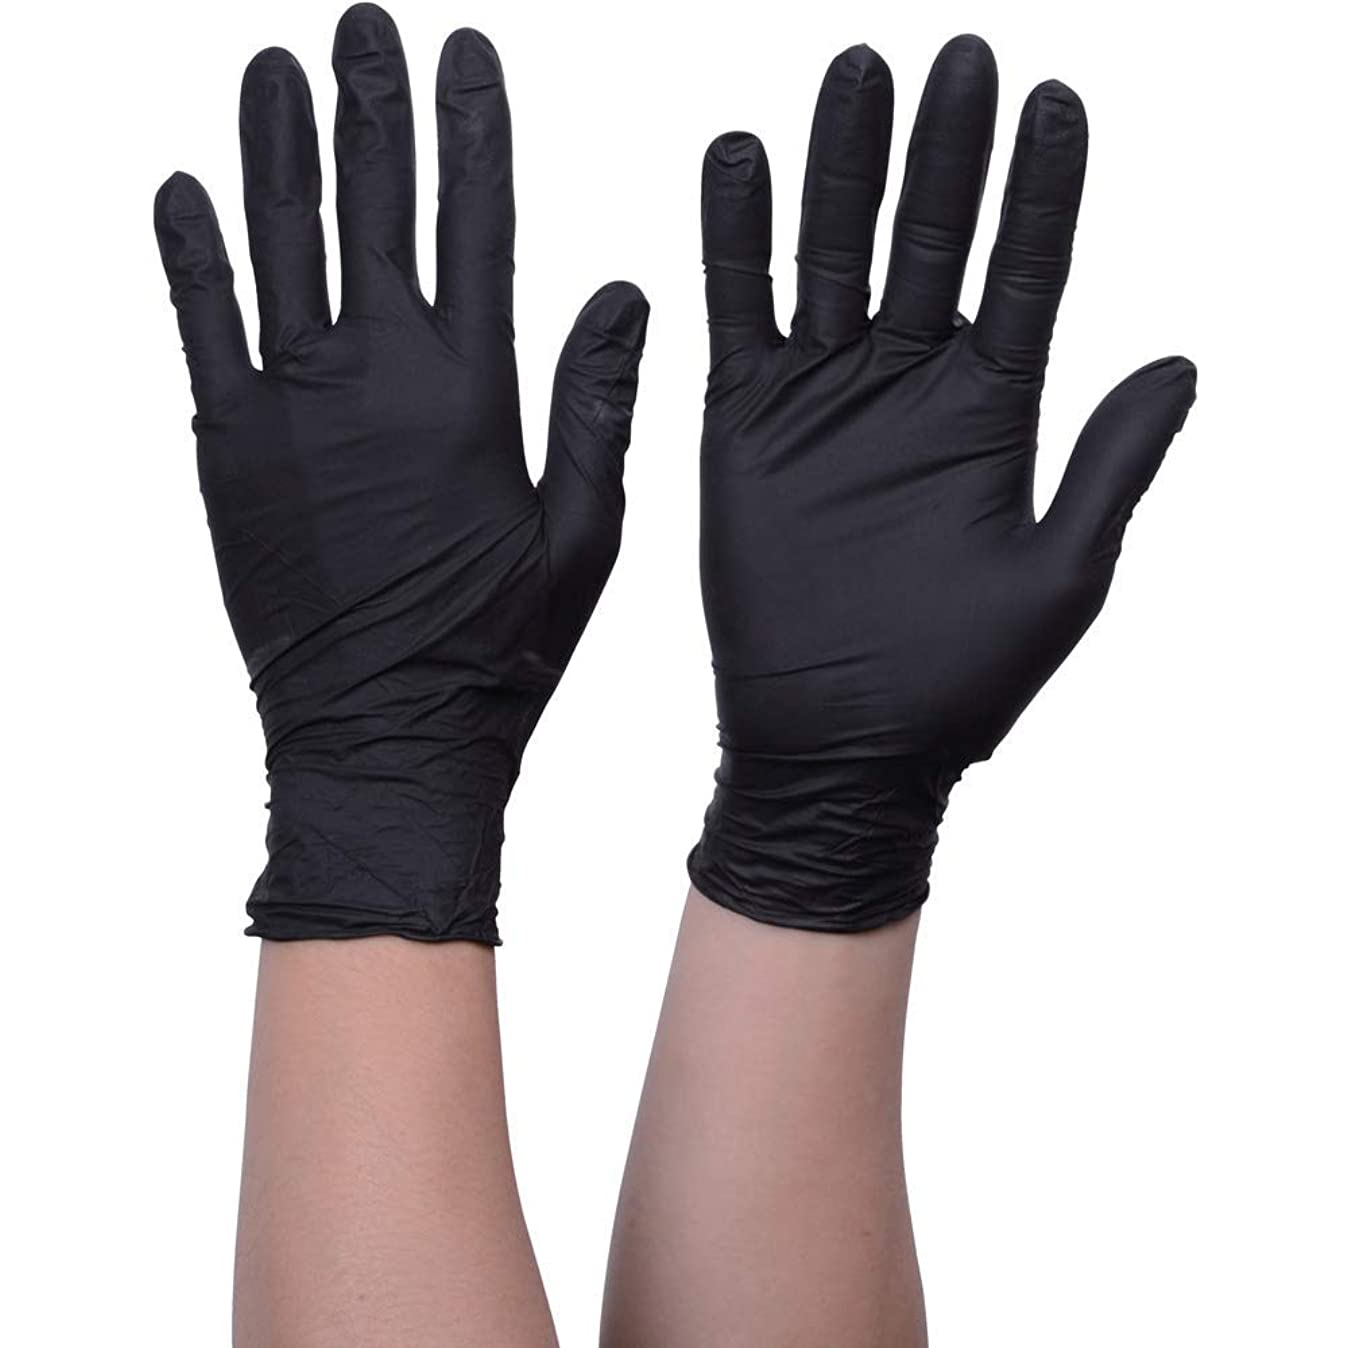 集中開業医自伝ニトリル手袋 使い捨て手袋防水耐油耐久性が強い上に軽く高品質ブラック100枚入